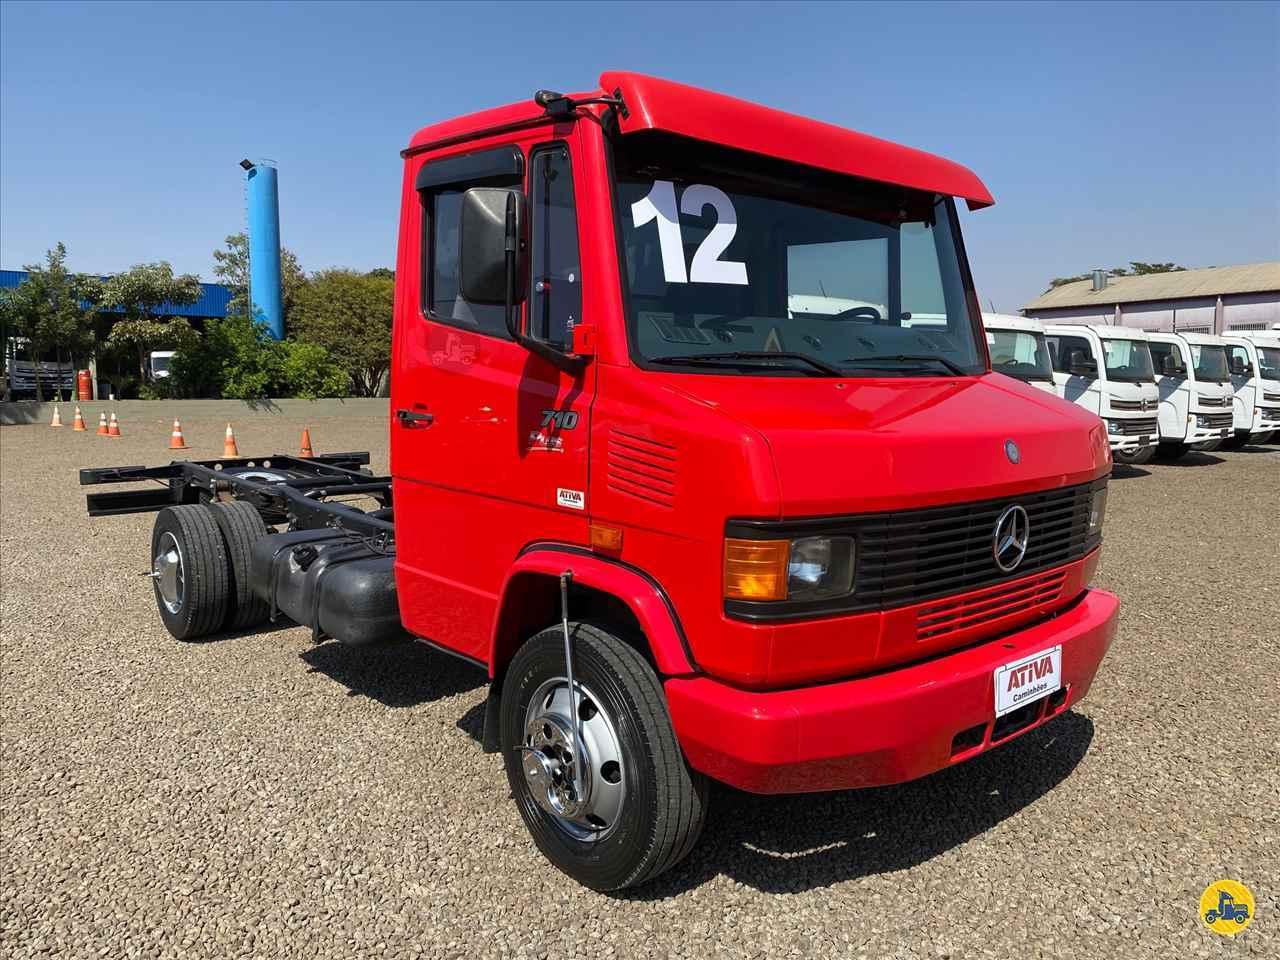 CAMINHAO MERCEDES-BENZ MB 710 Chassis 3/4 4x2 Ativa Caminhões CATANDUVA SÃO PAULO SP